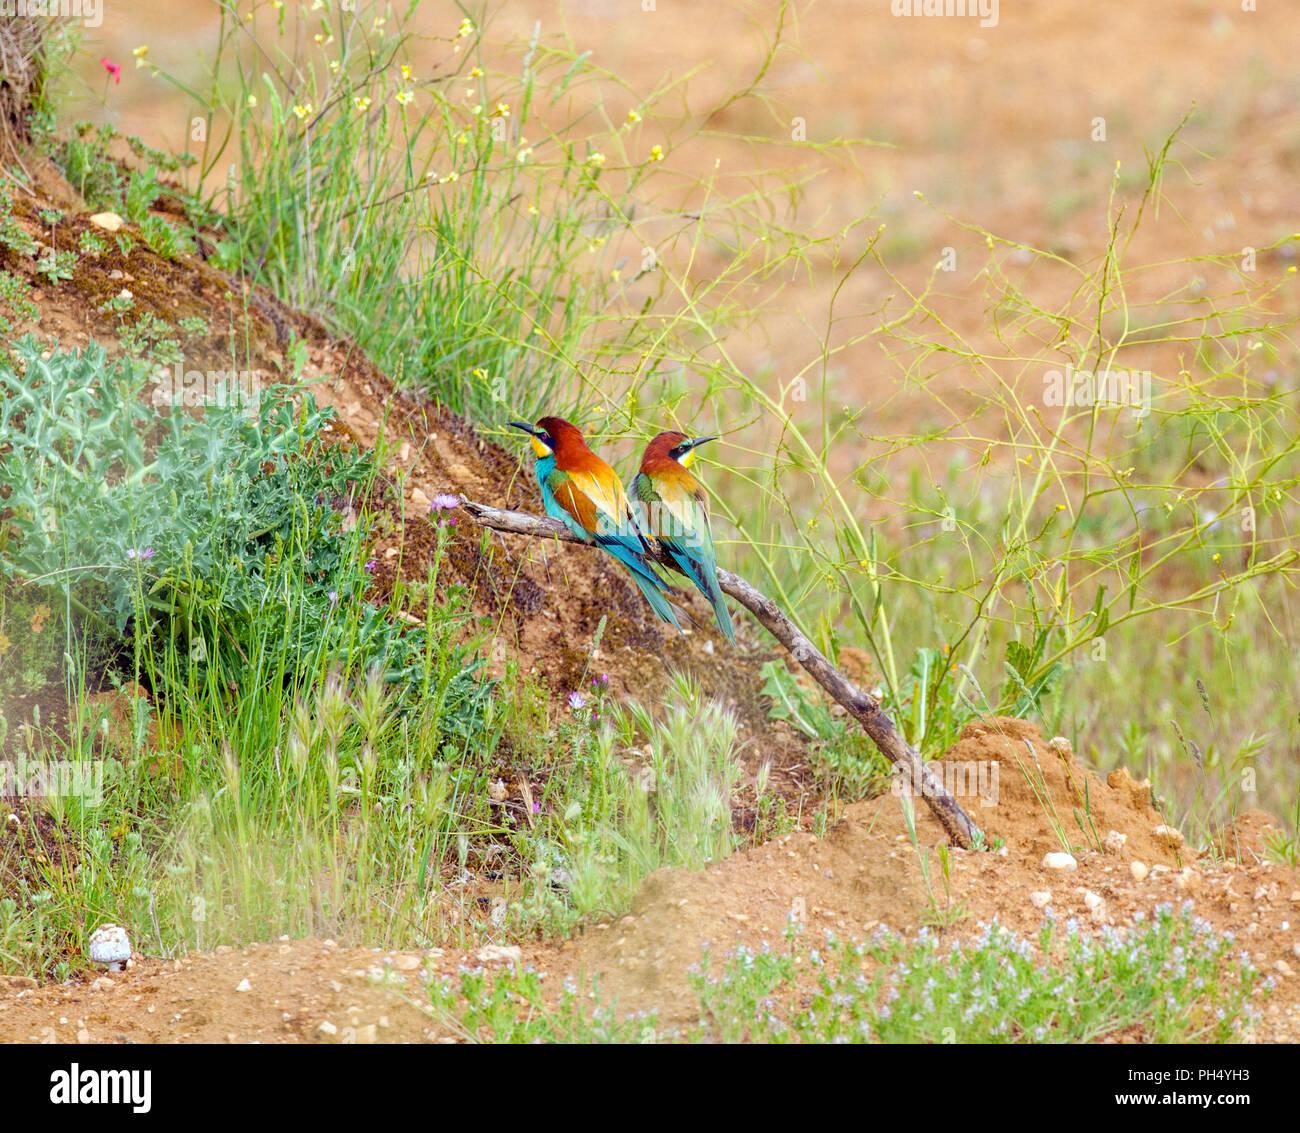 Coppia di unione Gruccioni Merops apiaster nella campagna spagnola vicino a Castrojeriz in Castiglia y Leon Spagna Foto Stock